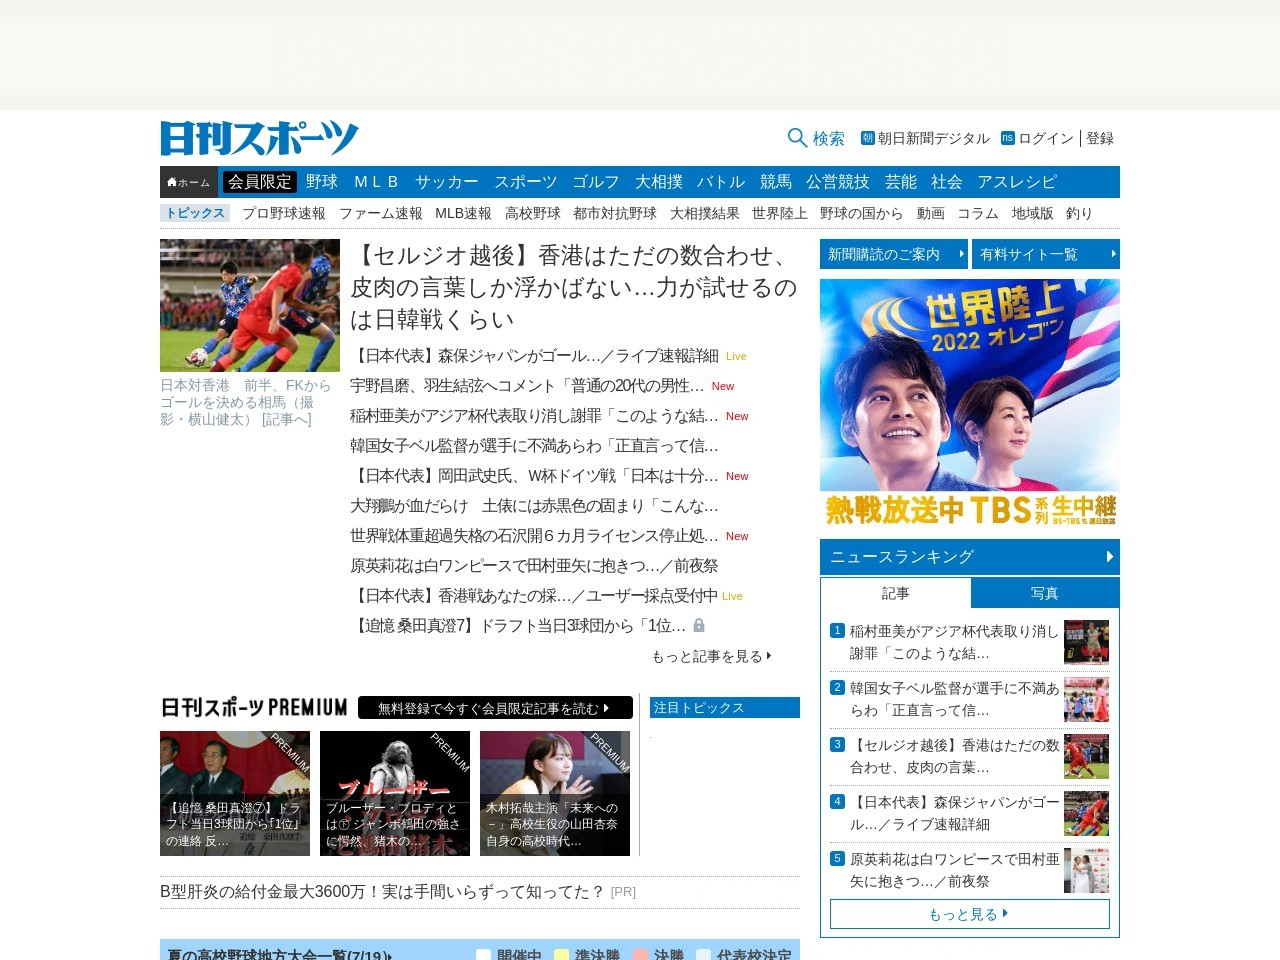 大坂、苦手プティンツェワ破り4強/準々決勝詳細